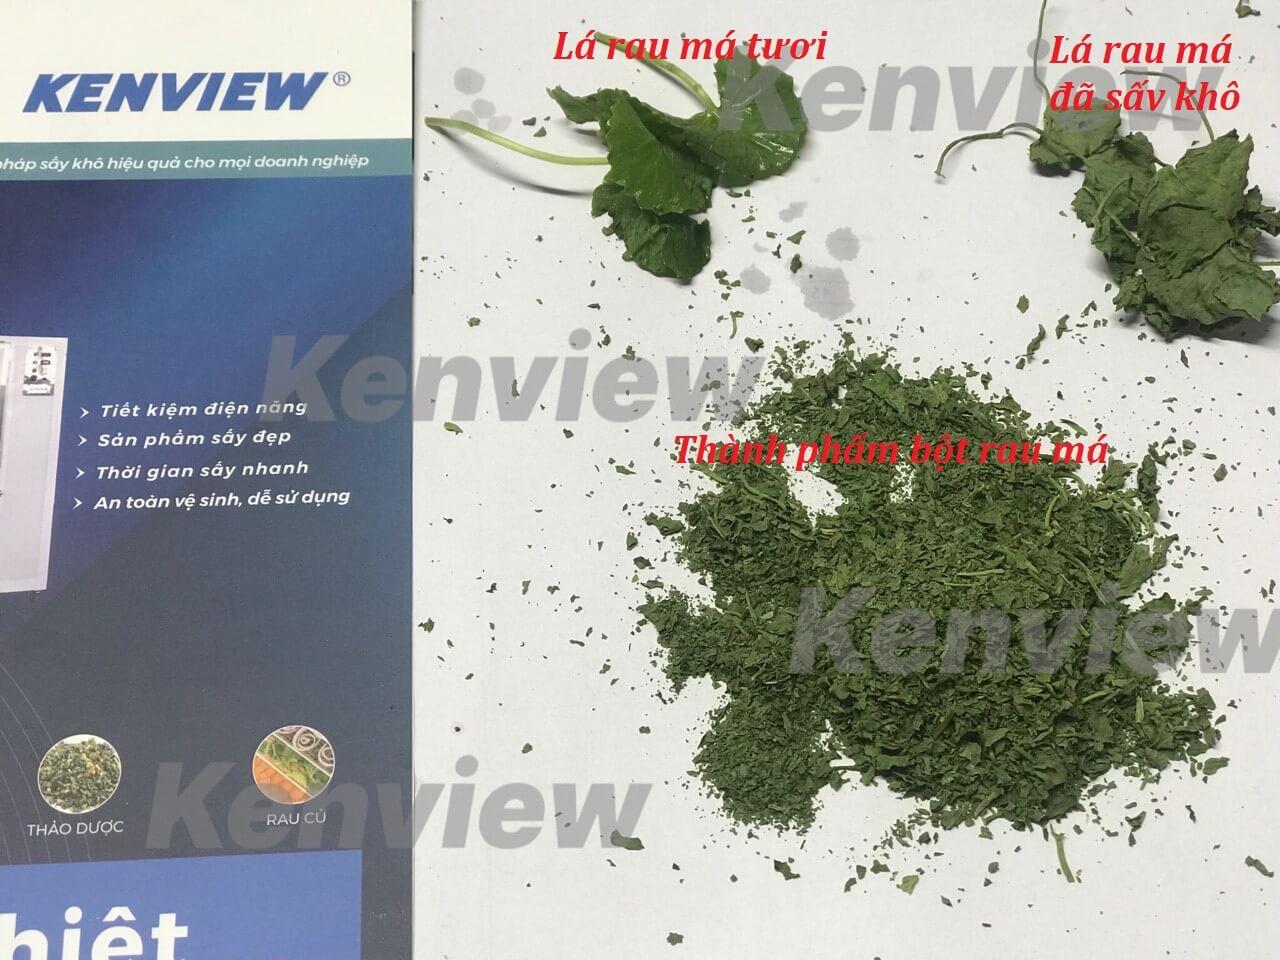 Máy sấy hoa quả Kenview, sấy rau má làm tinh bột giữ màu xanh